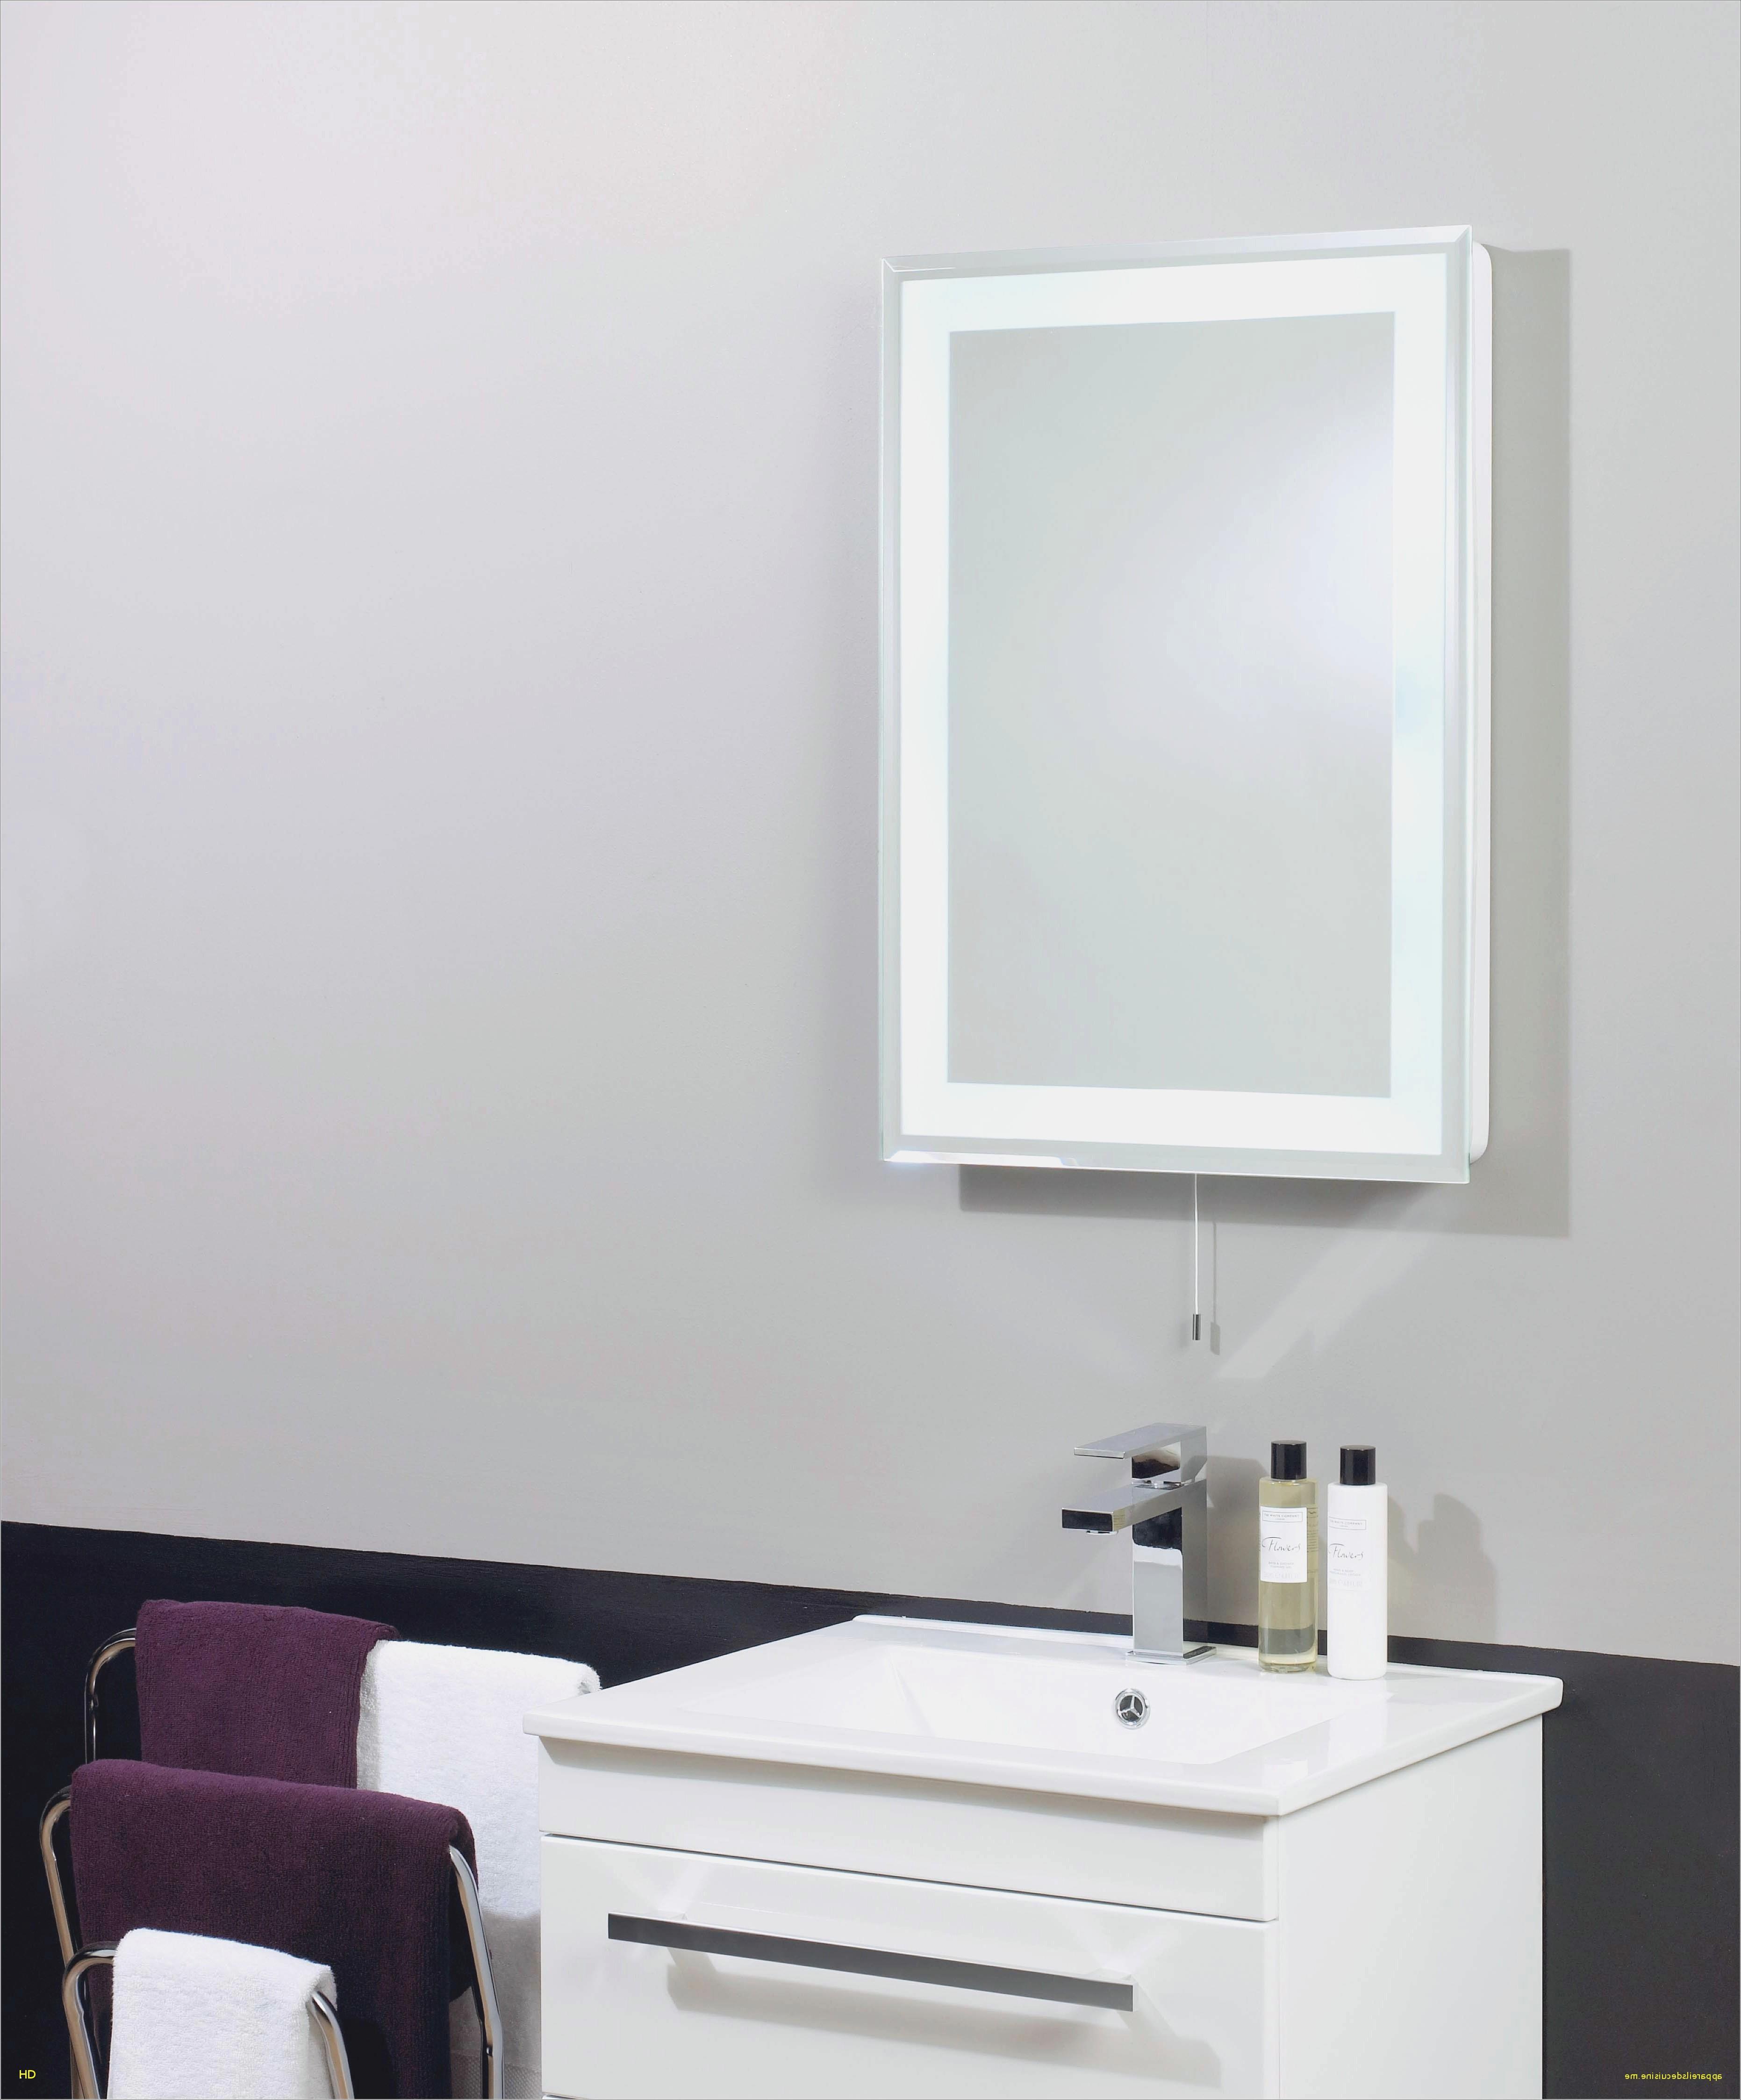 Armoire Miroir Salle De Bain Leroy Merlin Meilleur De Photos Unique Appliques Salle De Bain • Idées De Décoration De La Maison